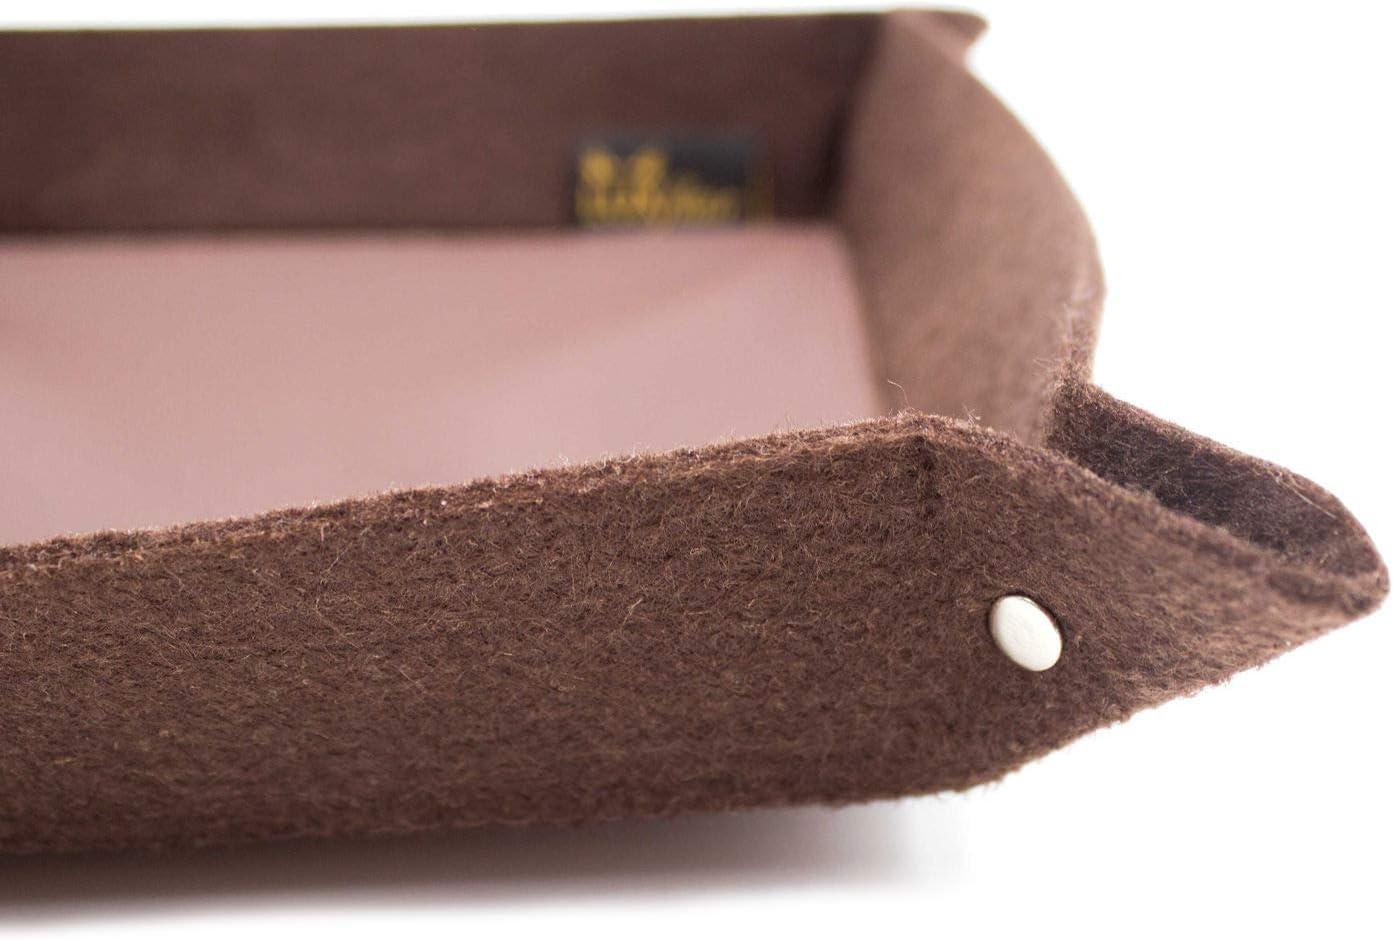 Schl/üsselablage Filzbox in 20x20cm Ablageschale Aufbewahrungskorb Filz Hosentaschendepot in braun mit Echt-Leder-Boden ideal f/ür Schmuck Taschenleerer Kosmetik Kleingeld Servierschale